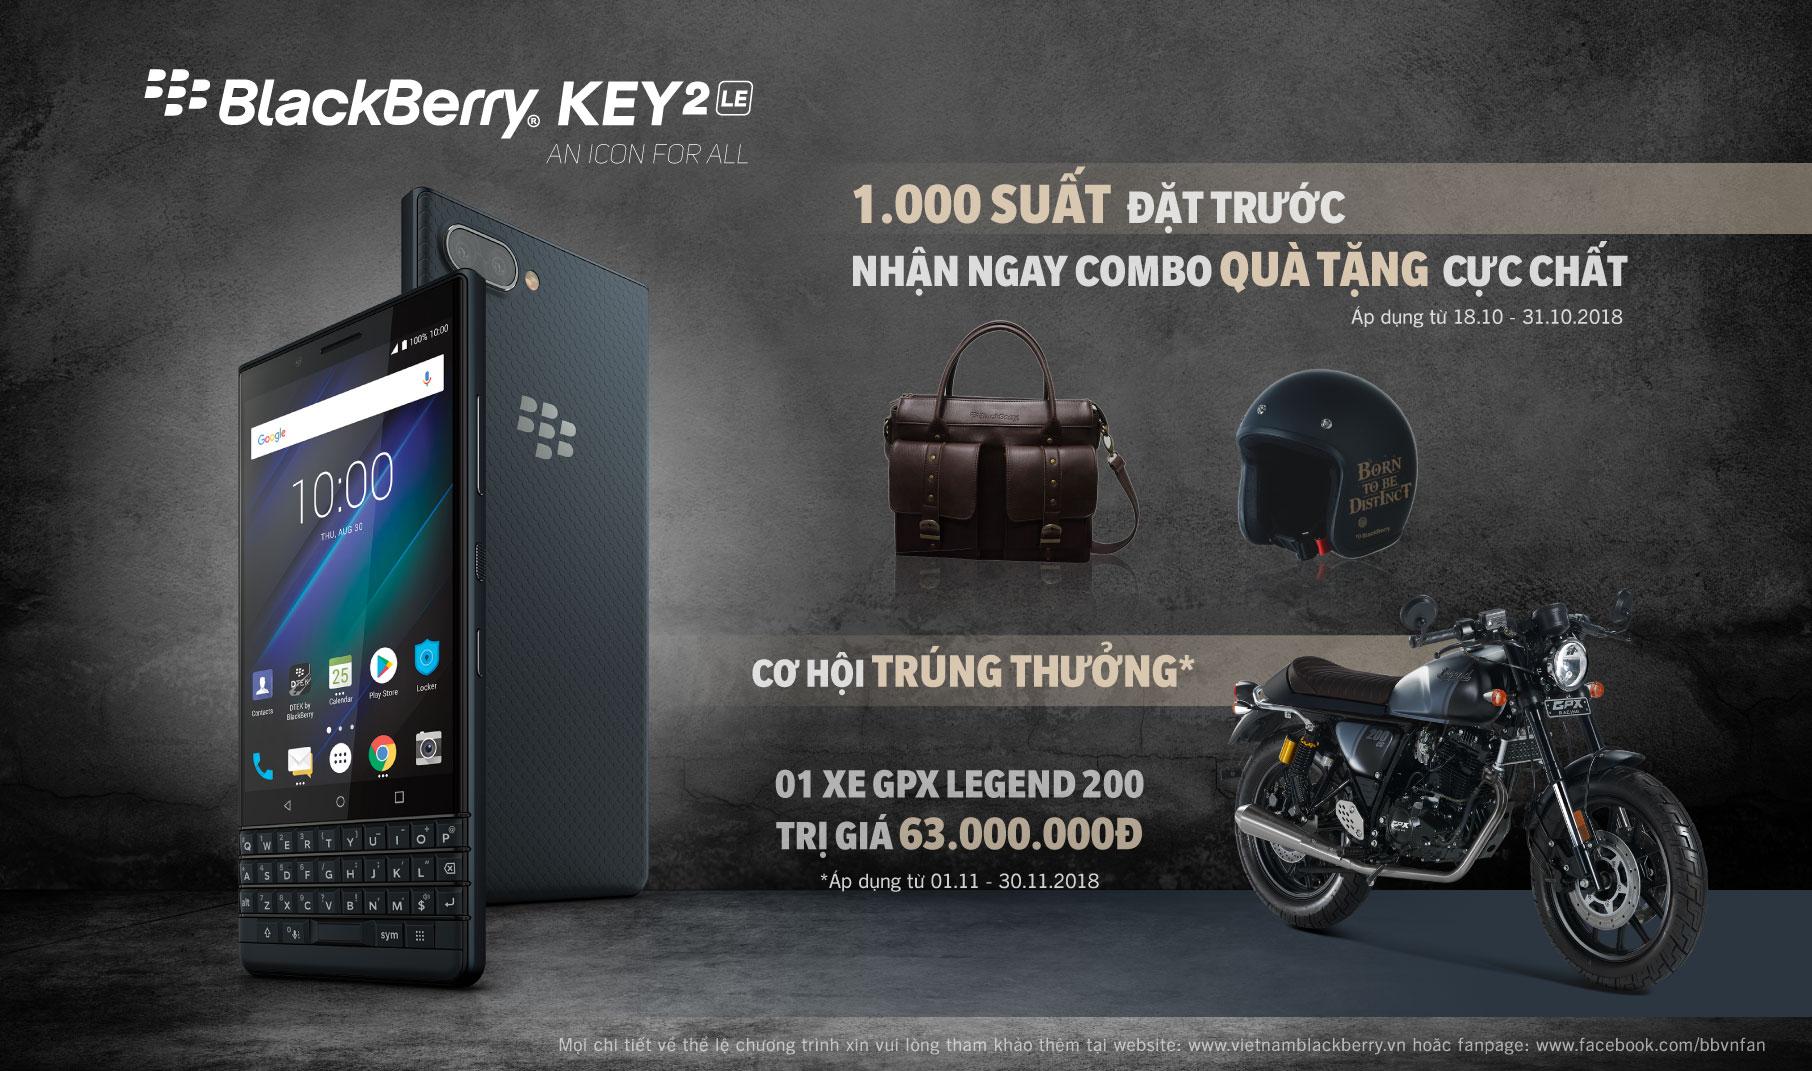 [hot] đặt mua blackberry key2 le chính hãng tại mobigo: cơ hội trúng xe gpx legend 63 triệu đồng